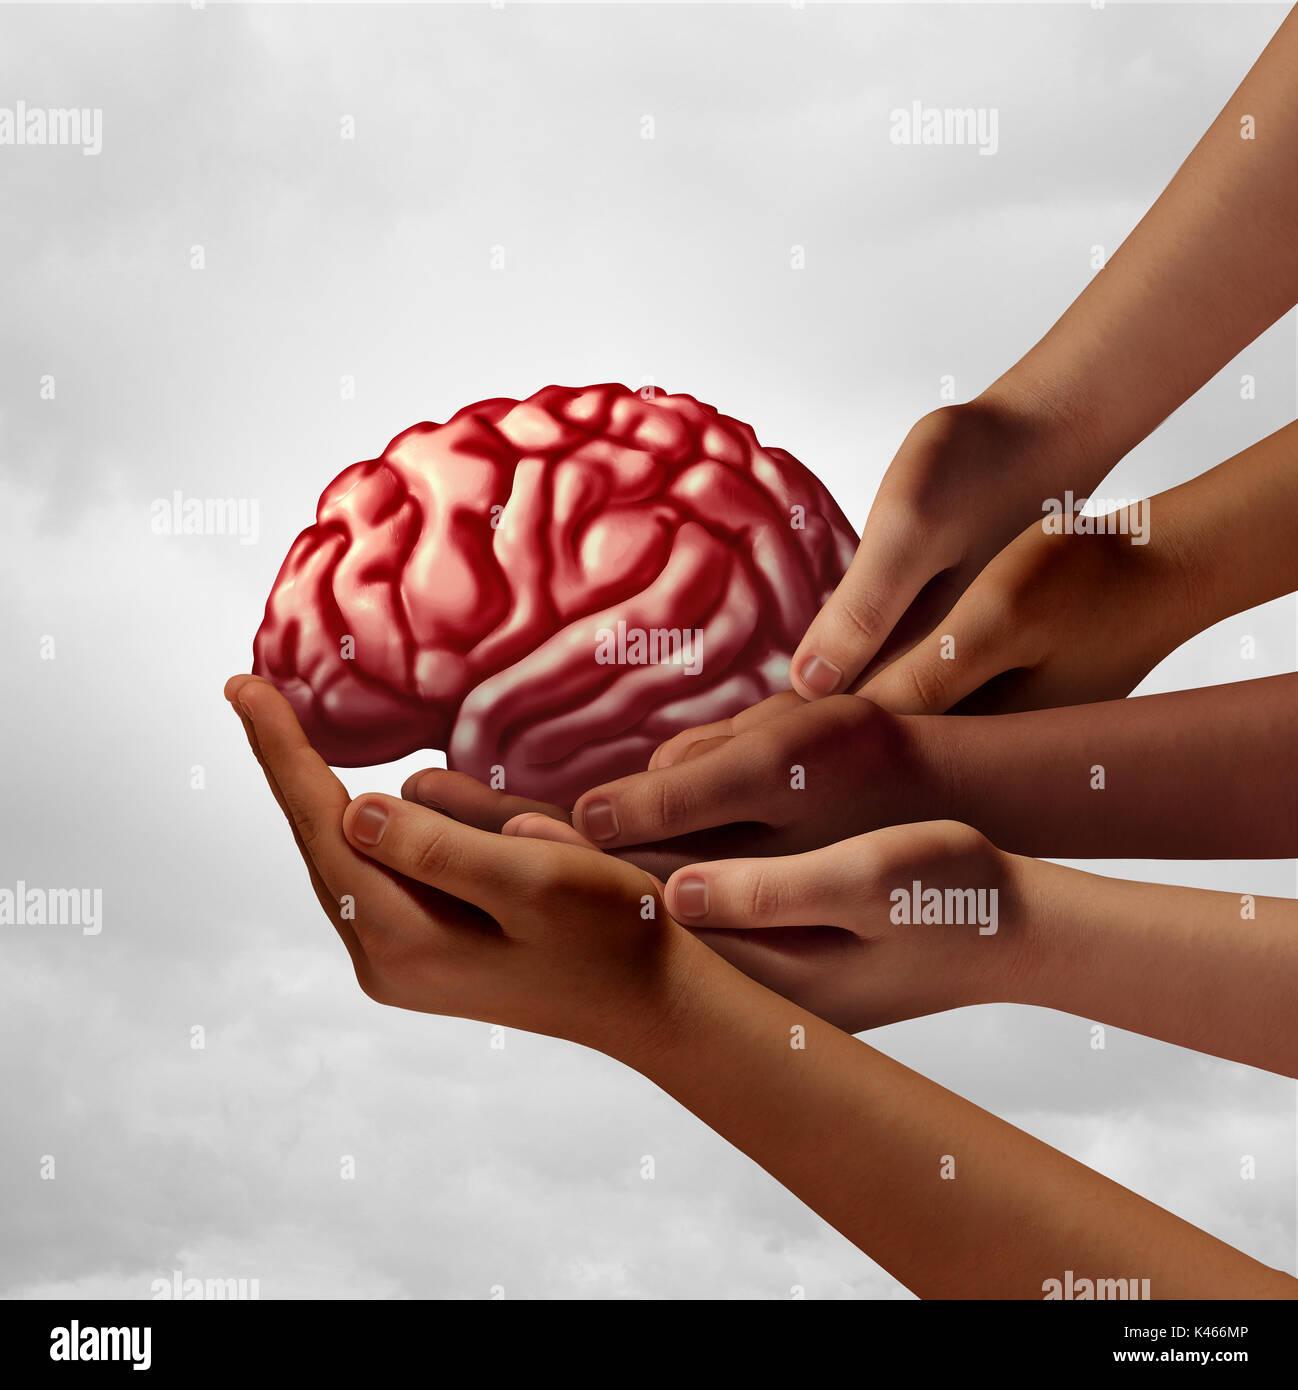 Neurologie Health Group care so vielfältig Hände halten ein menschliches Gehirn als Team psychologie Metapher mit der 3D-Darstellung. Stockbild